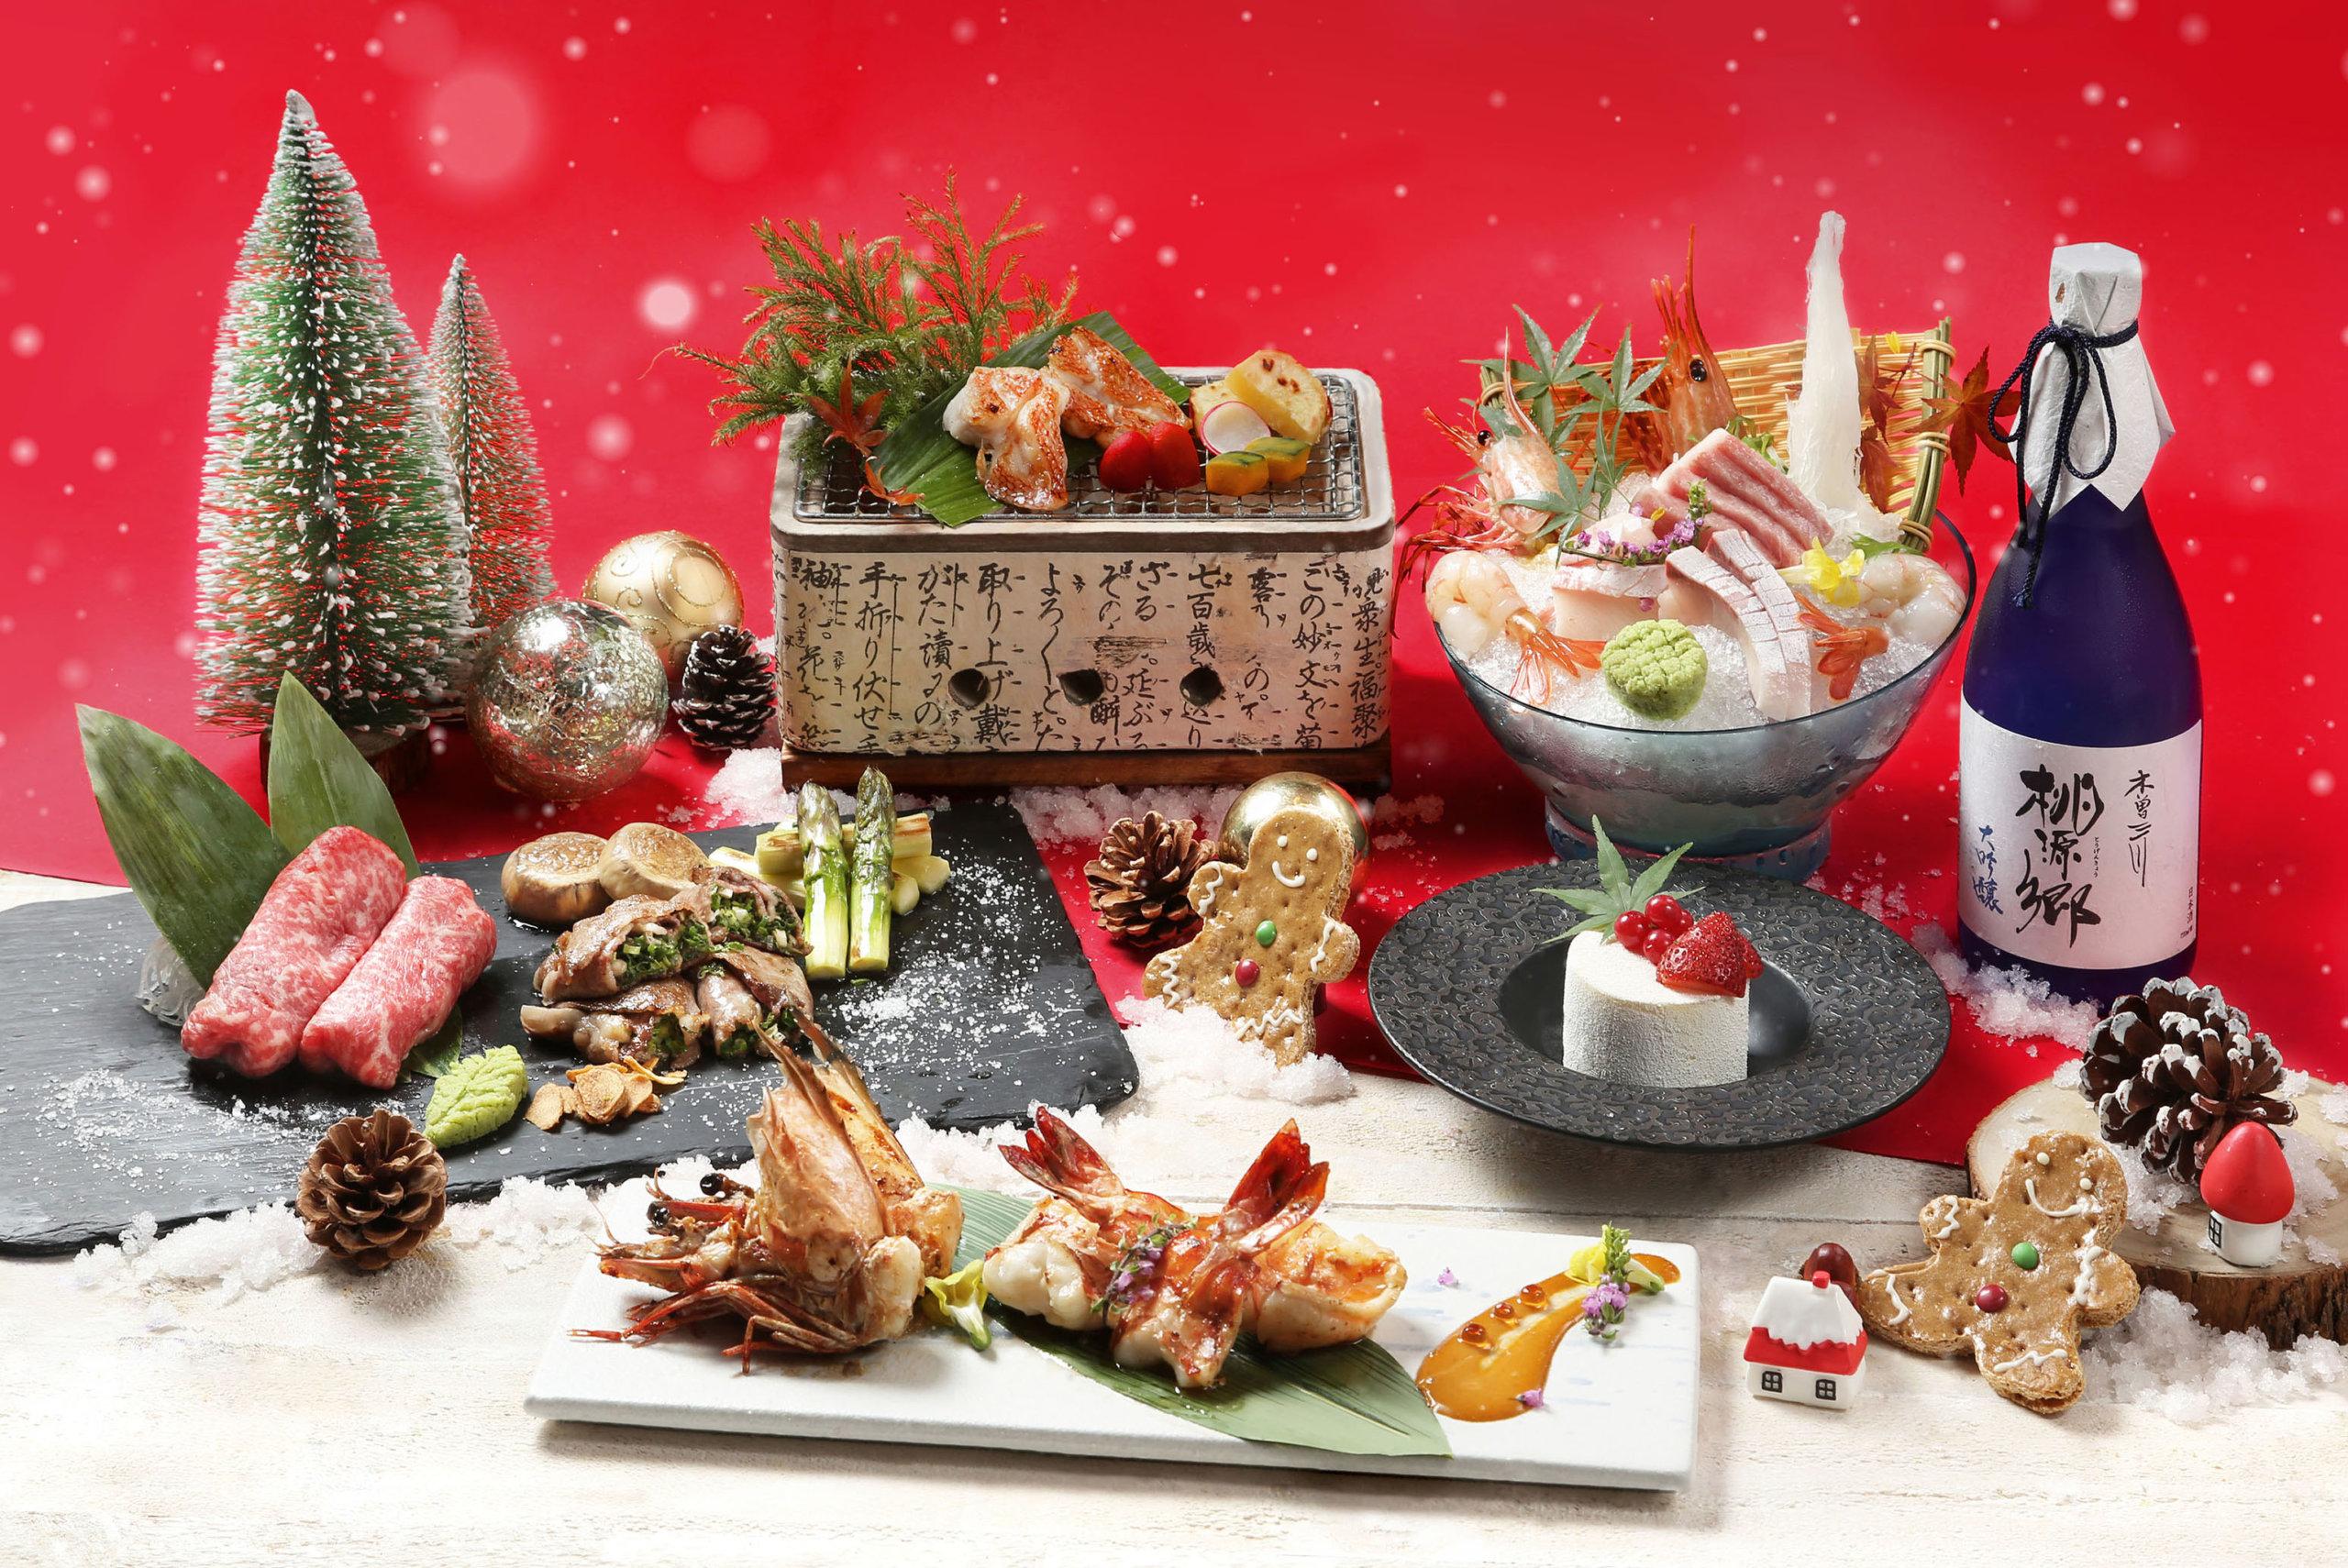 聖誕節即將來臨,帝都酒店的櫻田日本餐廳將推出聖誕鐵板燒御膳,讓大家充分體驗味蕾享受。